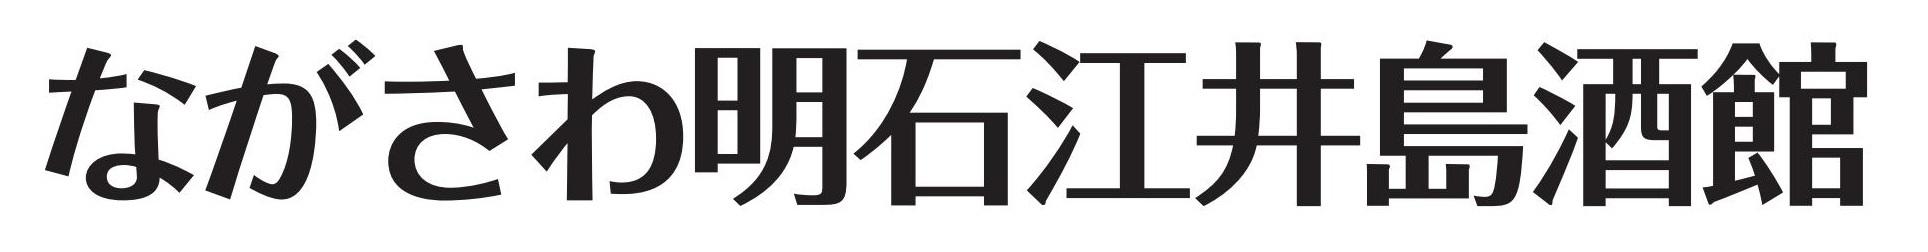 ながさわ明石江井島酒館